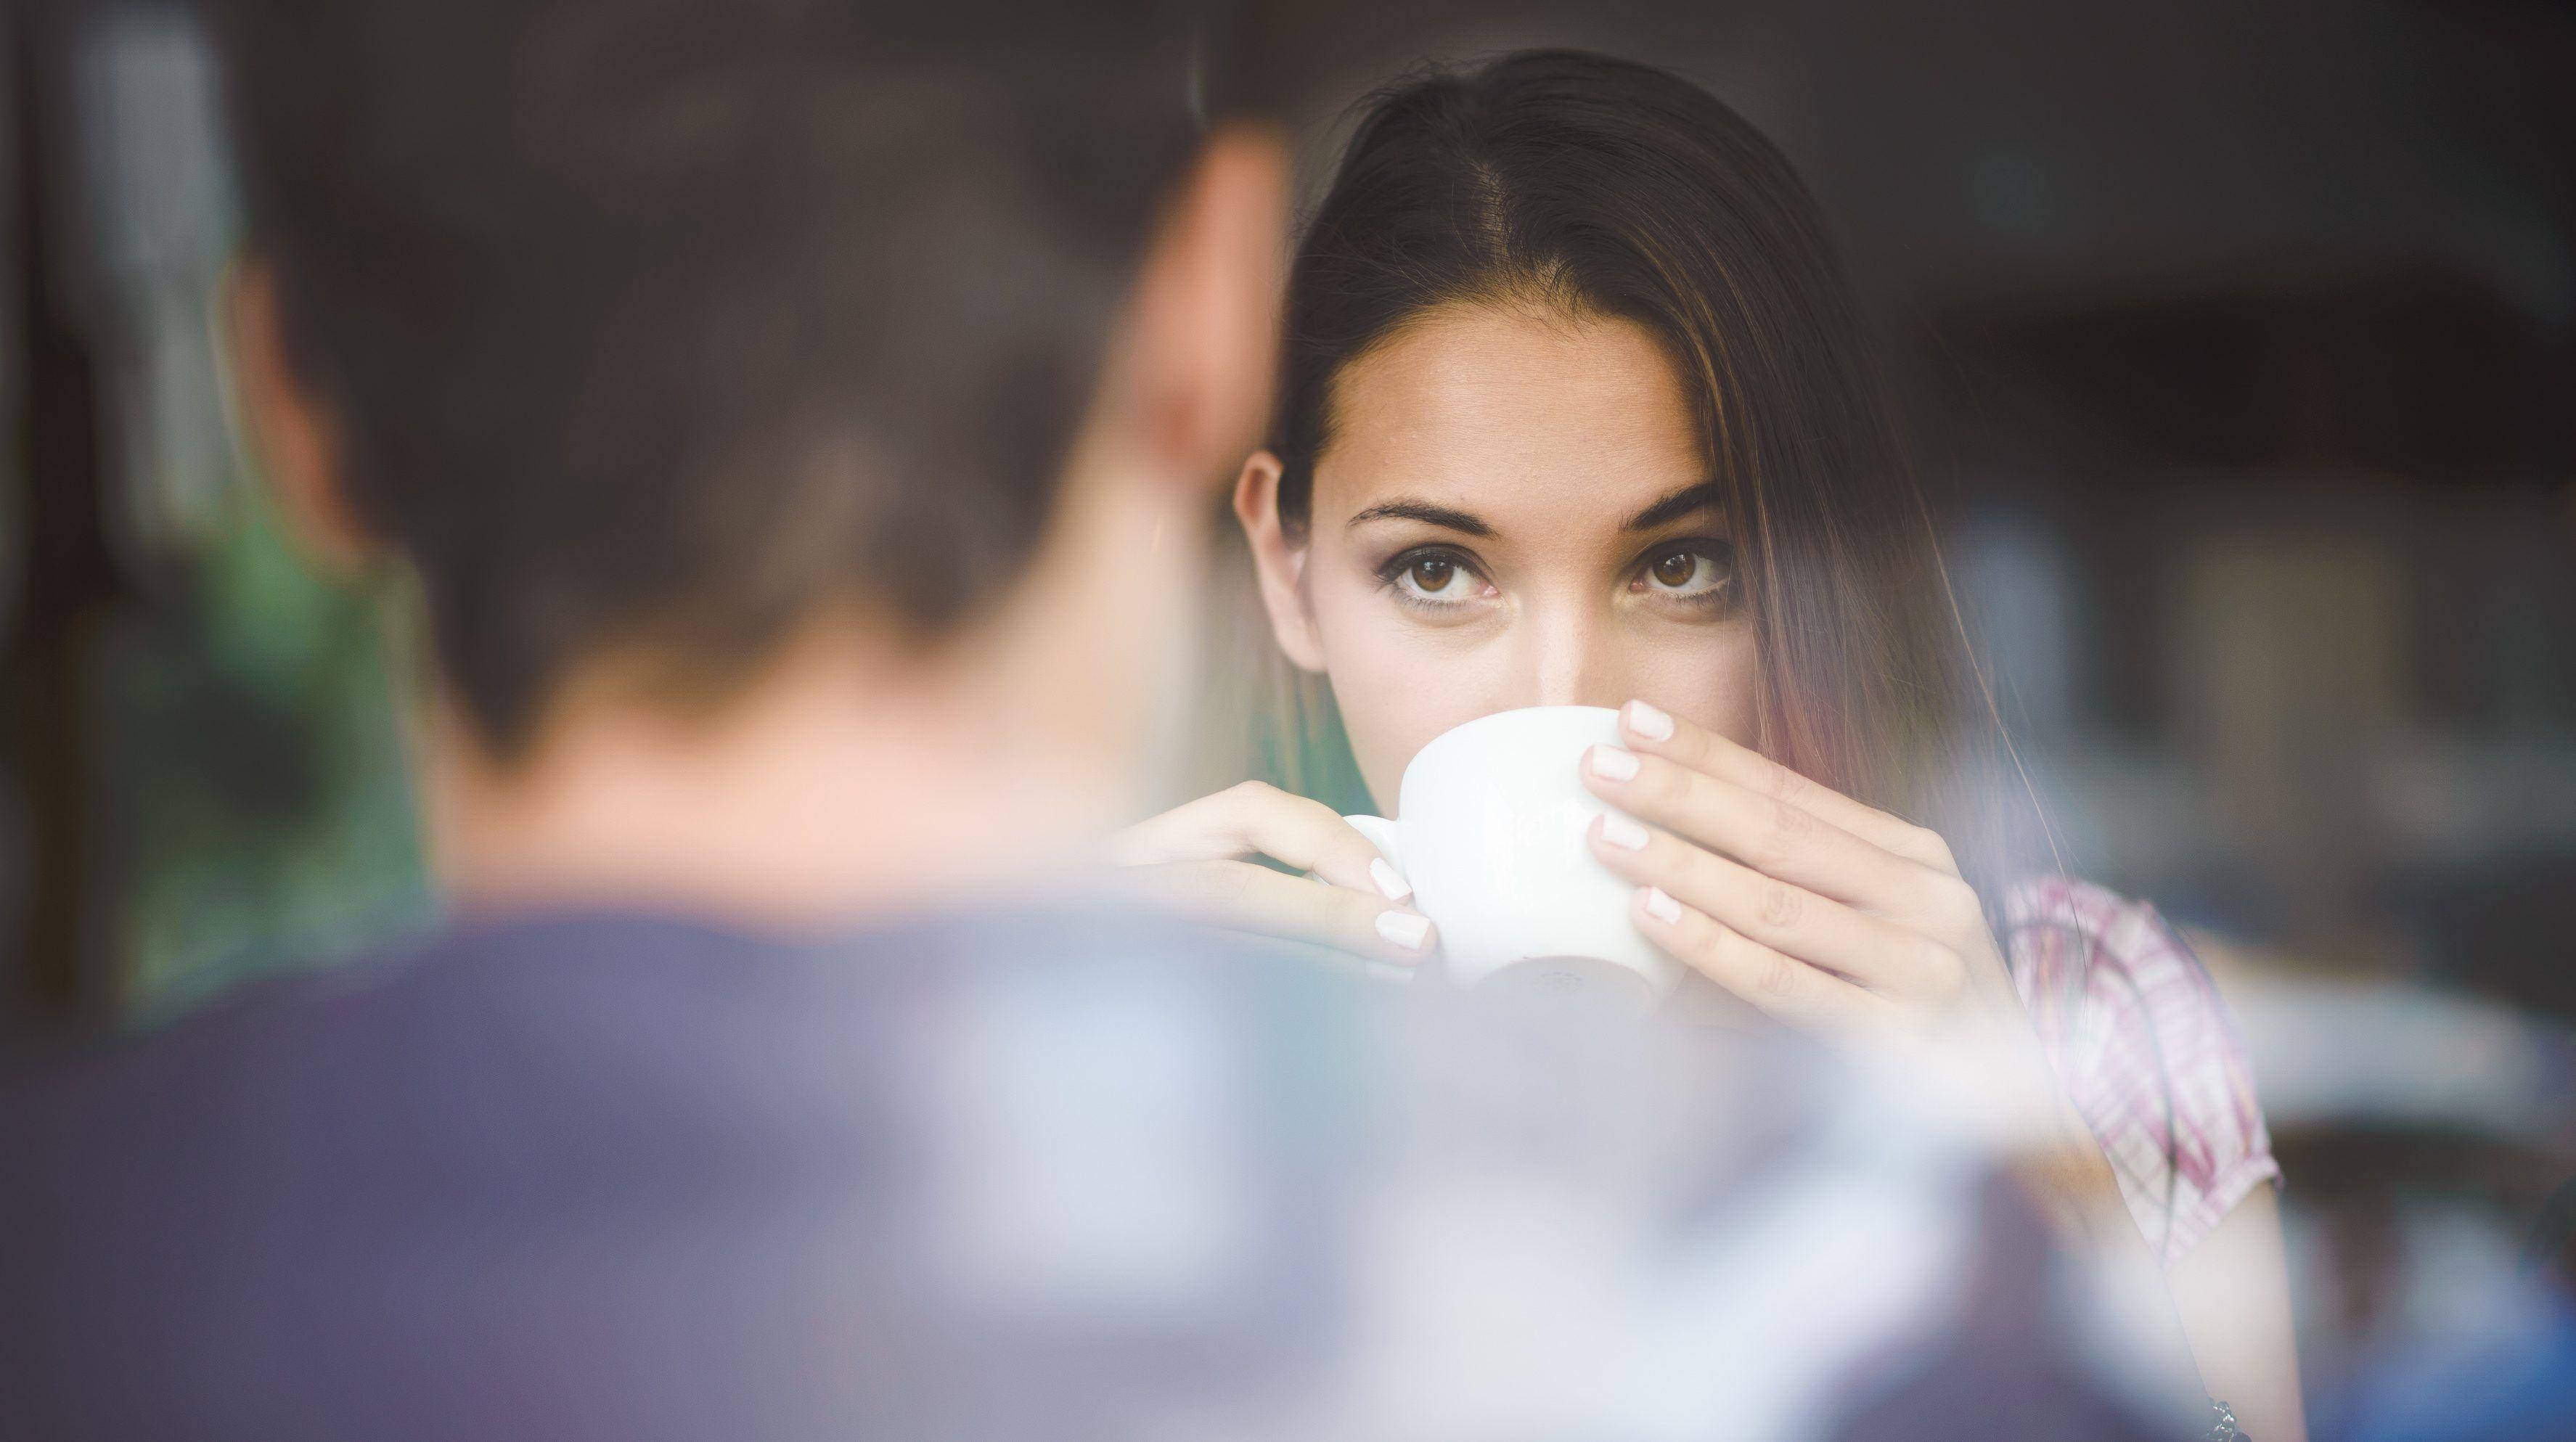 nett dating tips